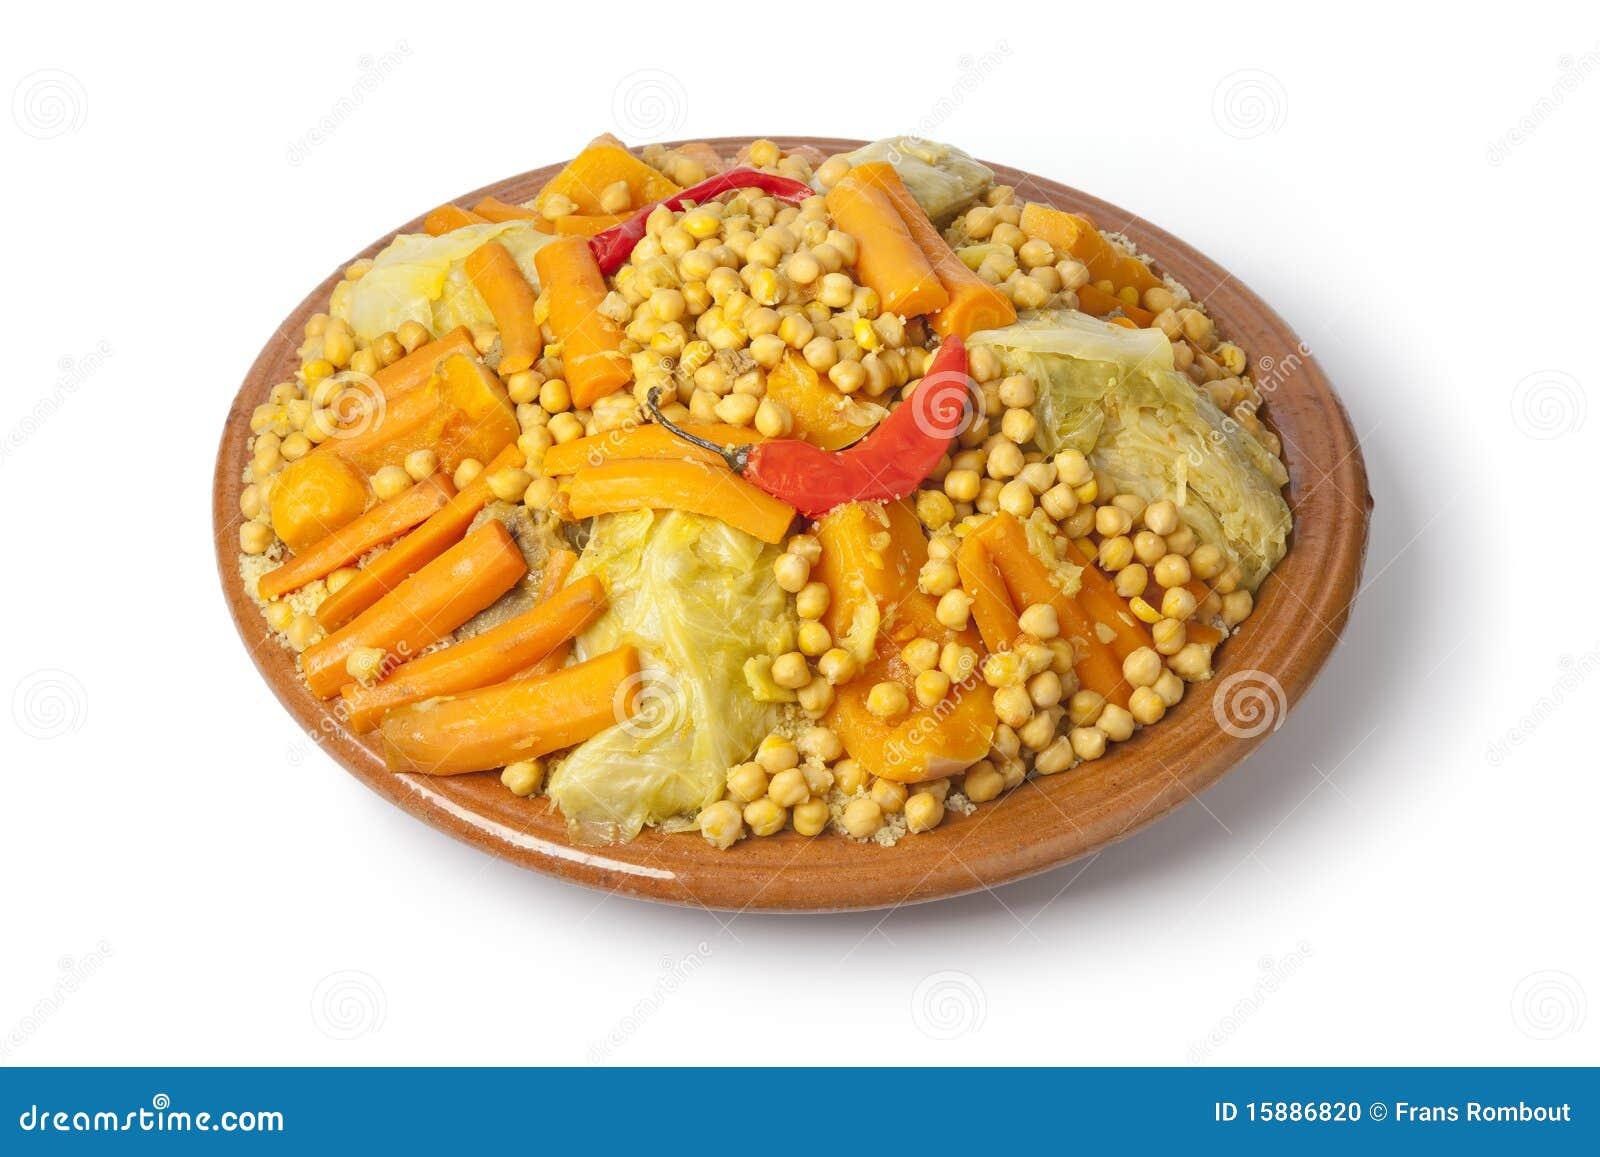 Prato marroquino tradicional com cuscuz